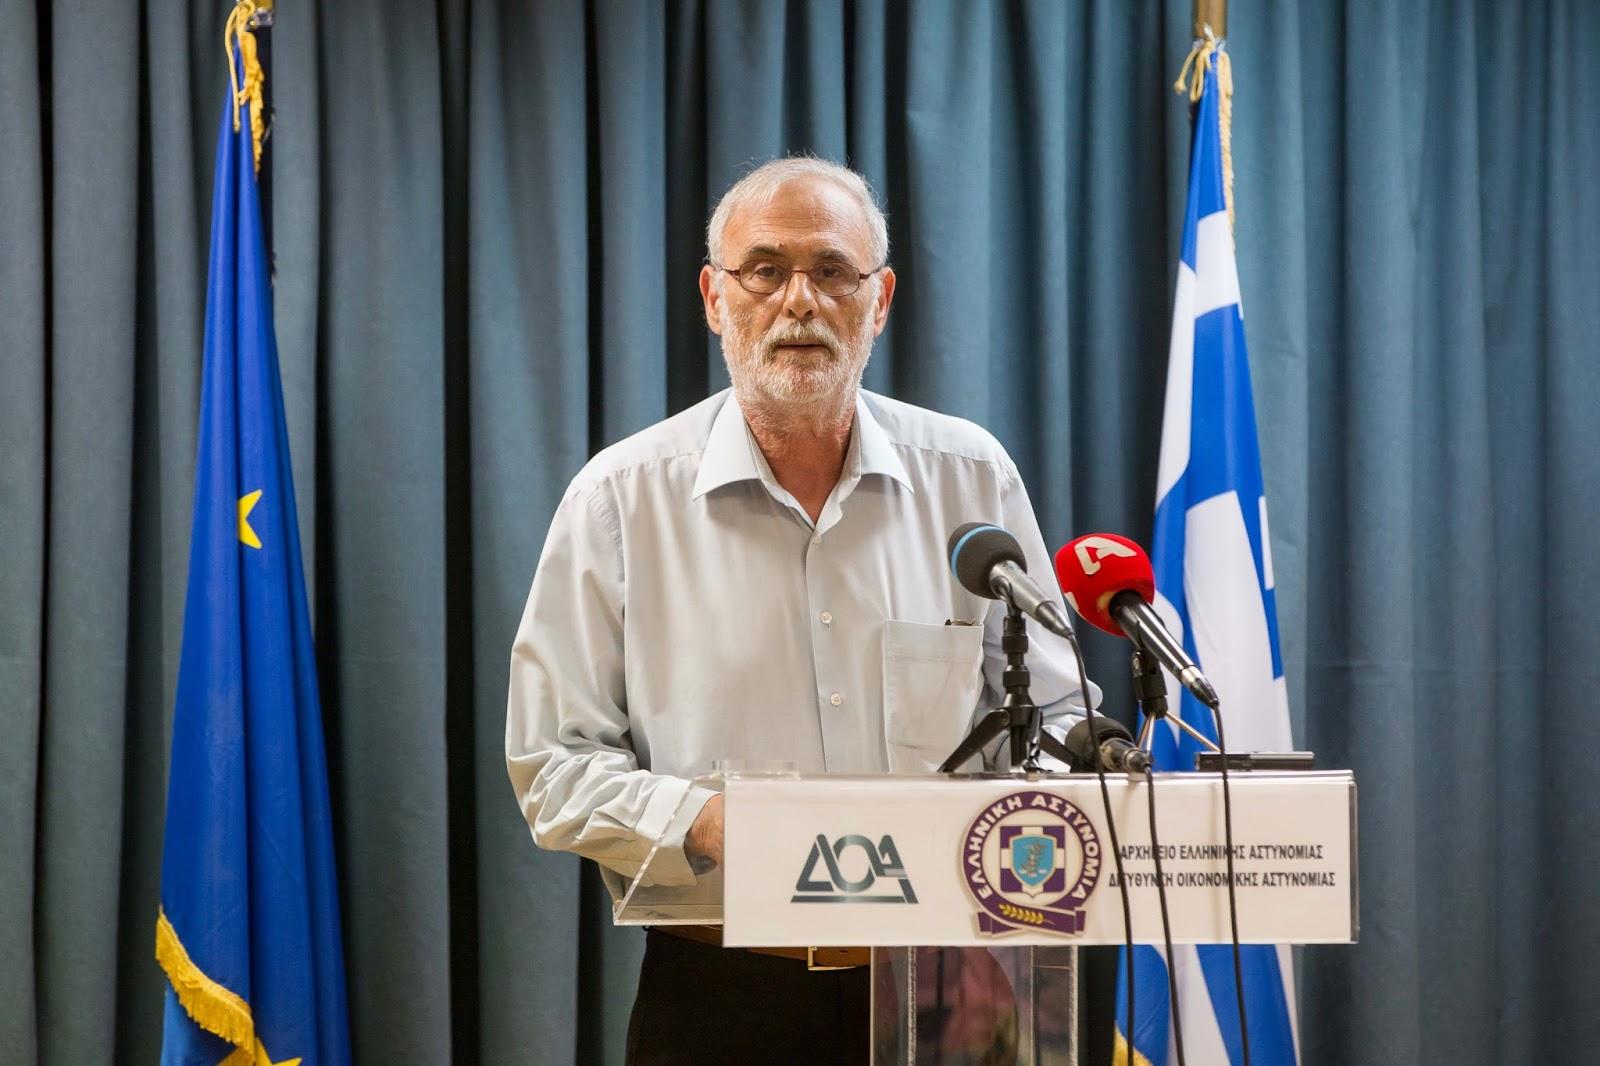 Ο νέος Πρόεδρος του ΕΟΦ Ιωάννης Μαλέμης στο HealthReport.gr: Τι θα αλλάξω στον ΕΟΦ!